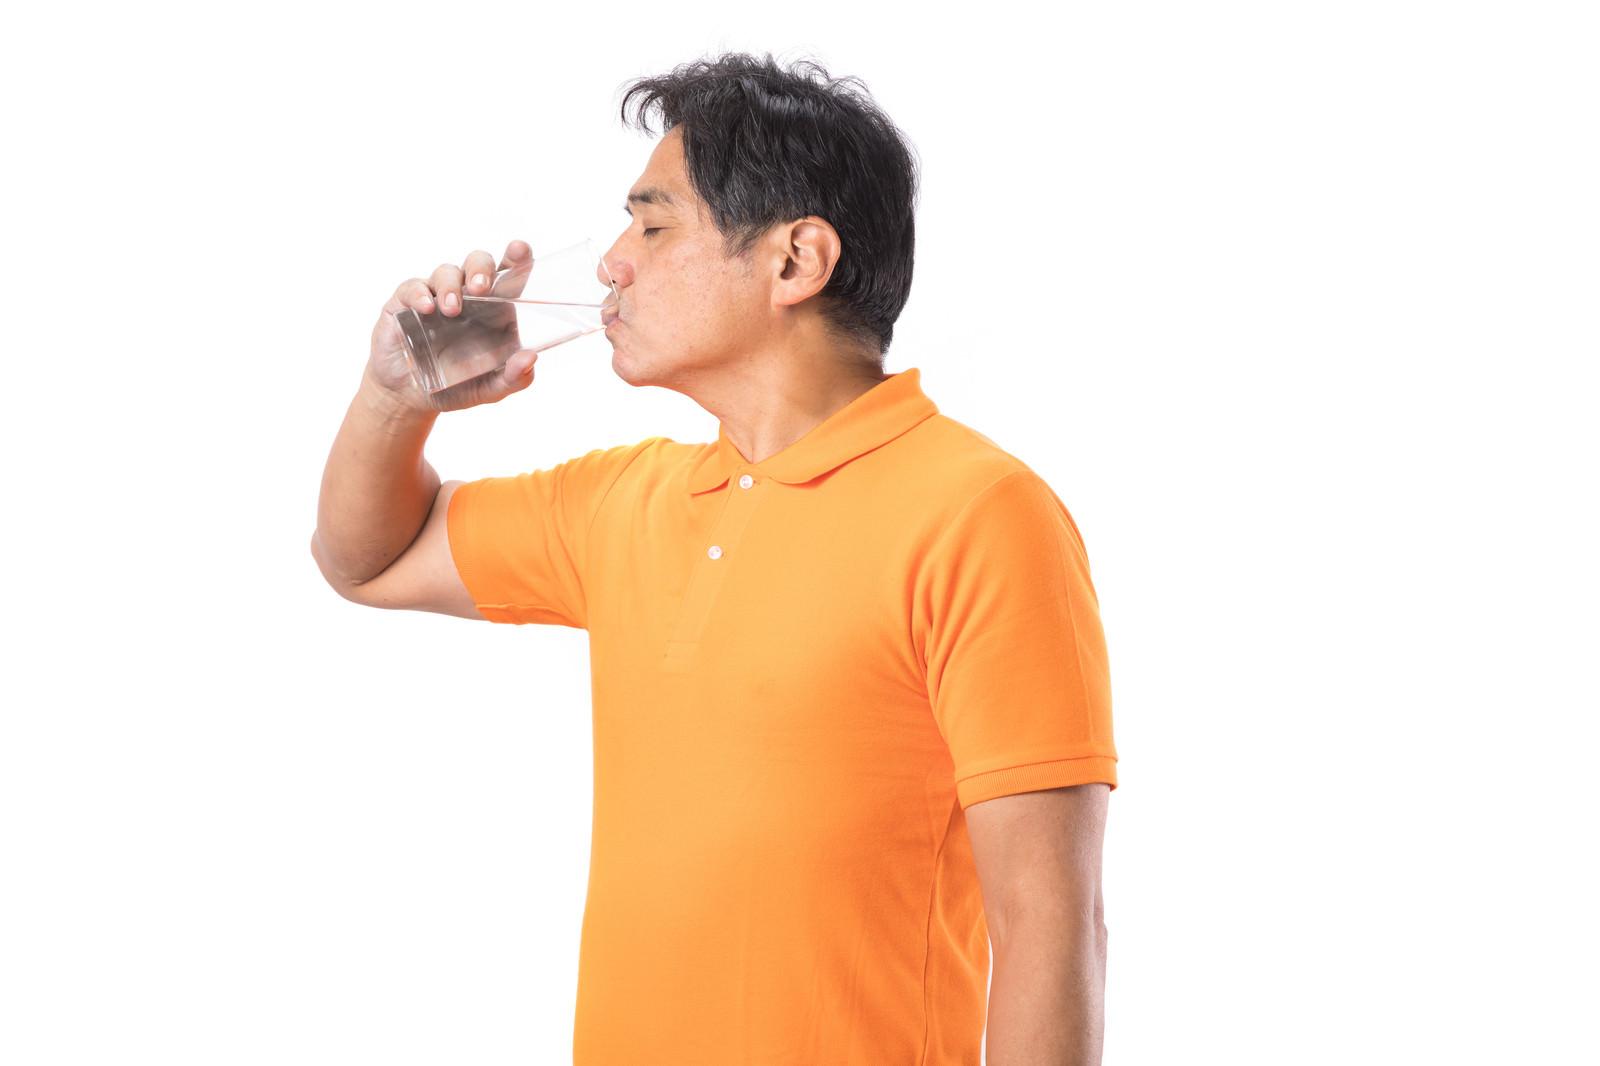 「水を飲む フリー」の画像検索結果